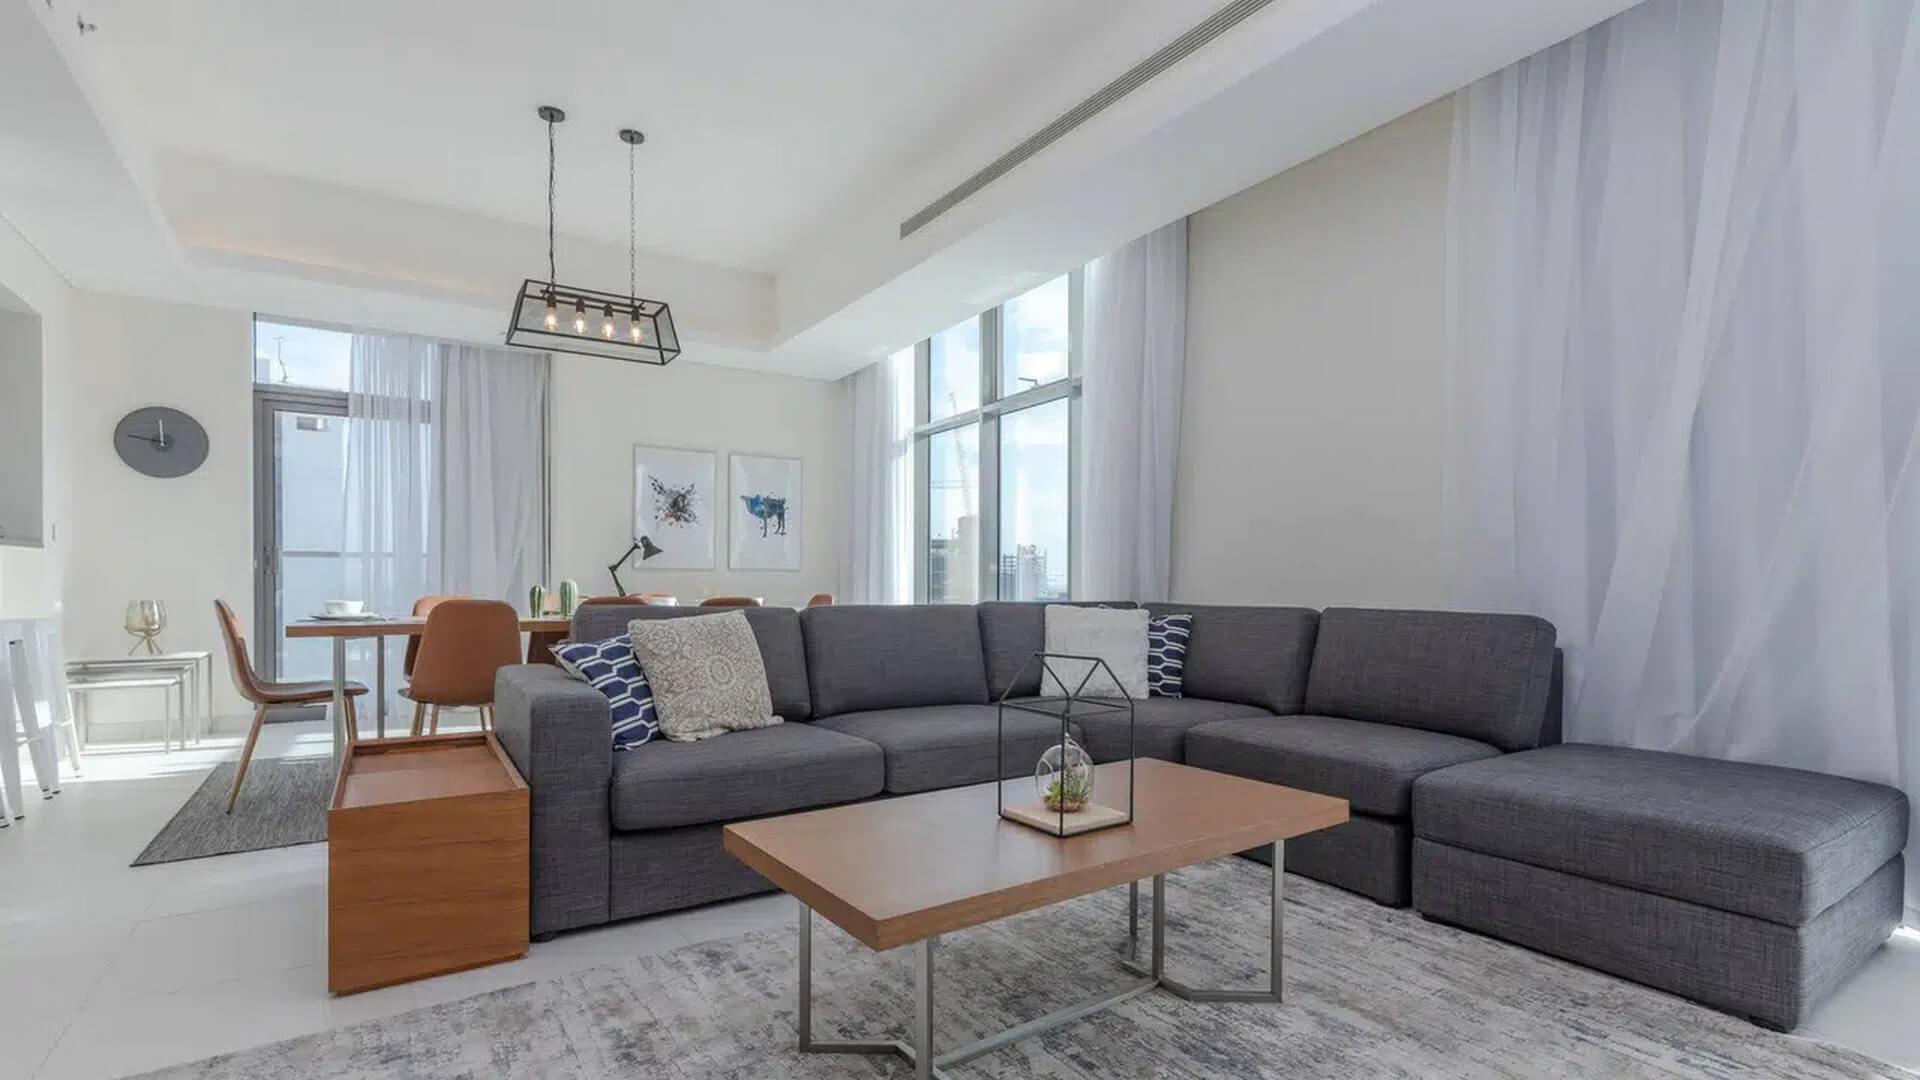 Apartamento en venta en Dubai, EAU, 3 dormitorios, 195 m2, № 24653 – foto 1